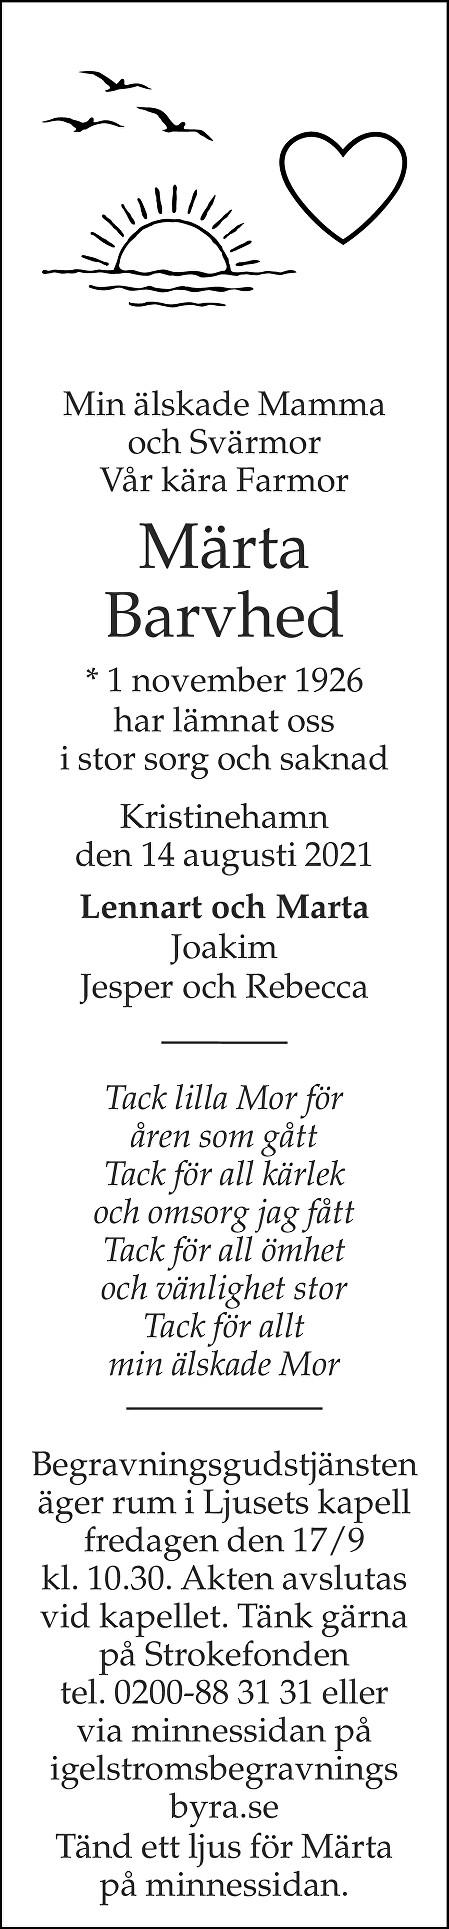 Märta Barvhed Death notice